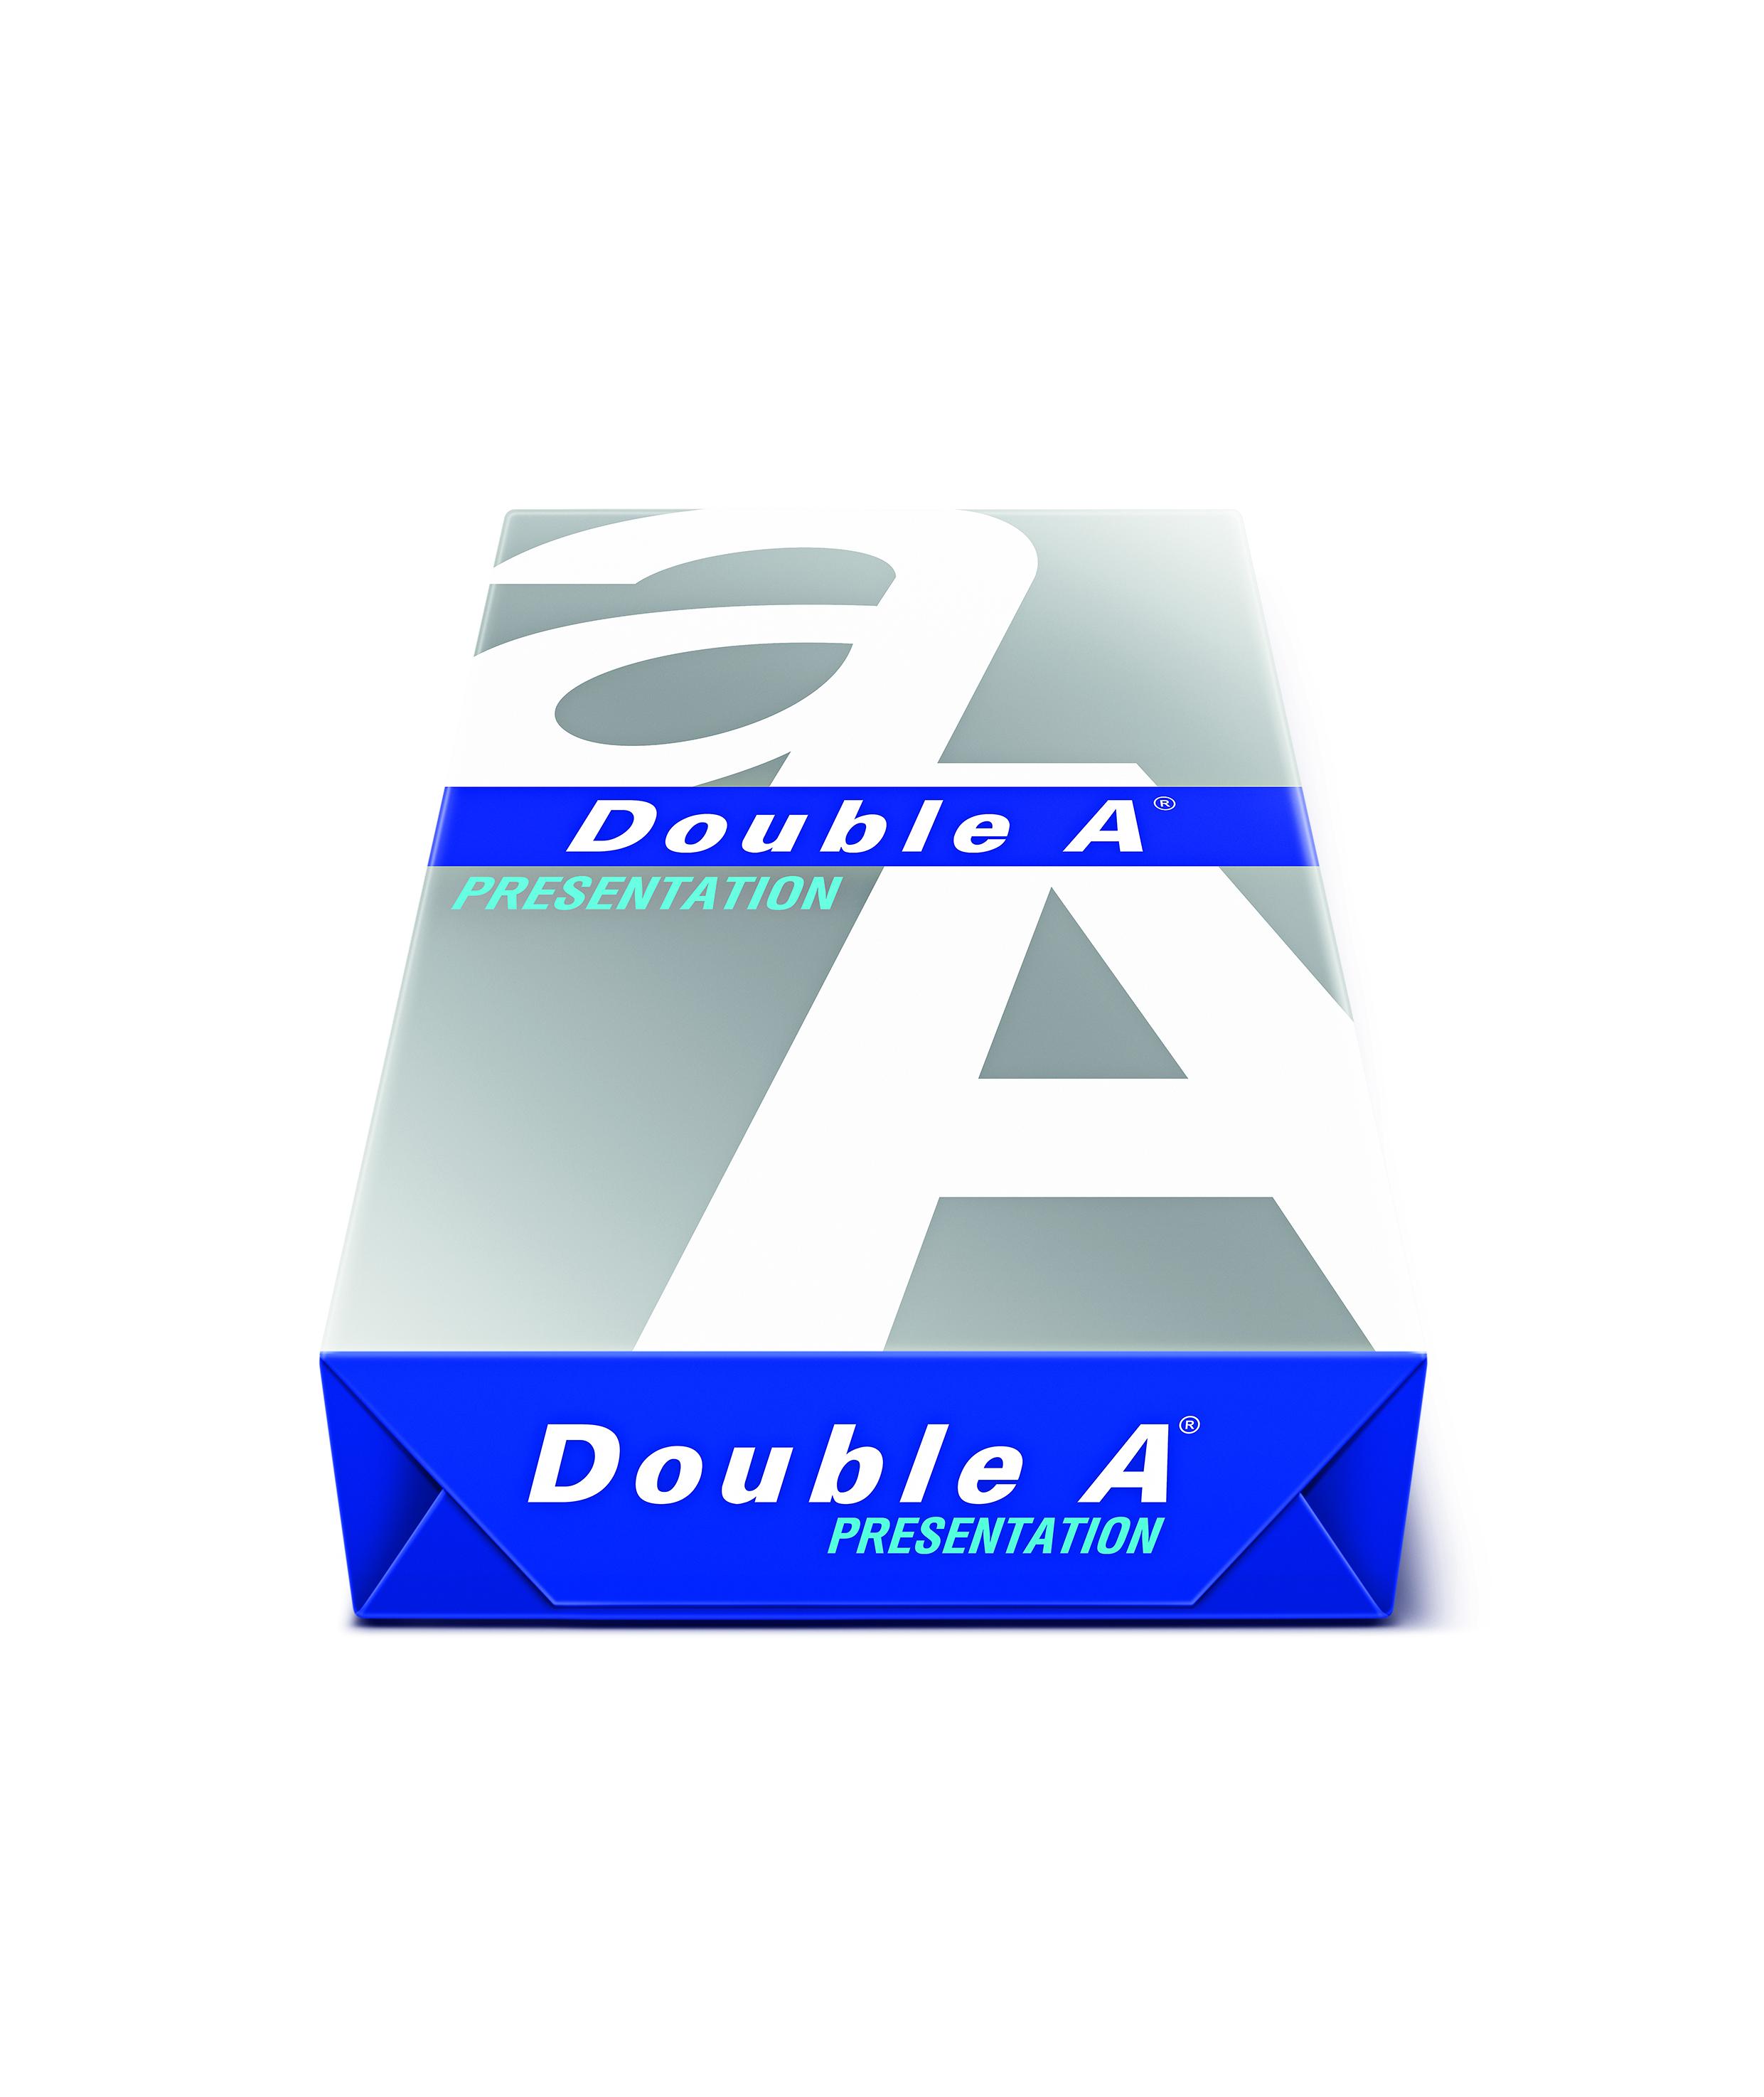 Double A Presentation Papier 100g/m² DIN-A4 weiß 500 Blatt